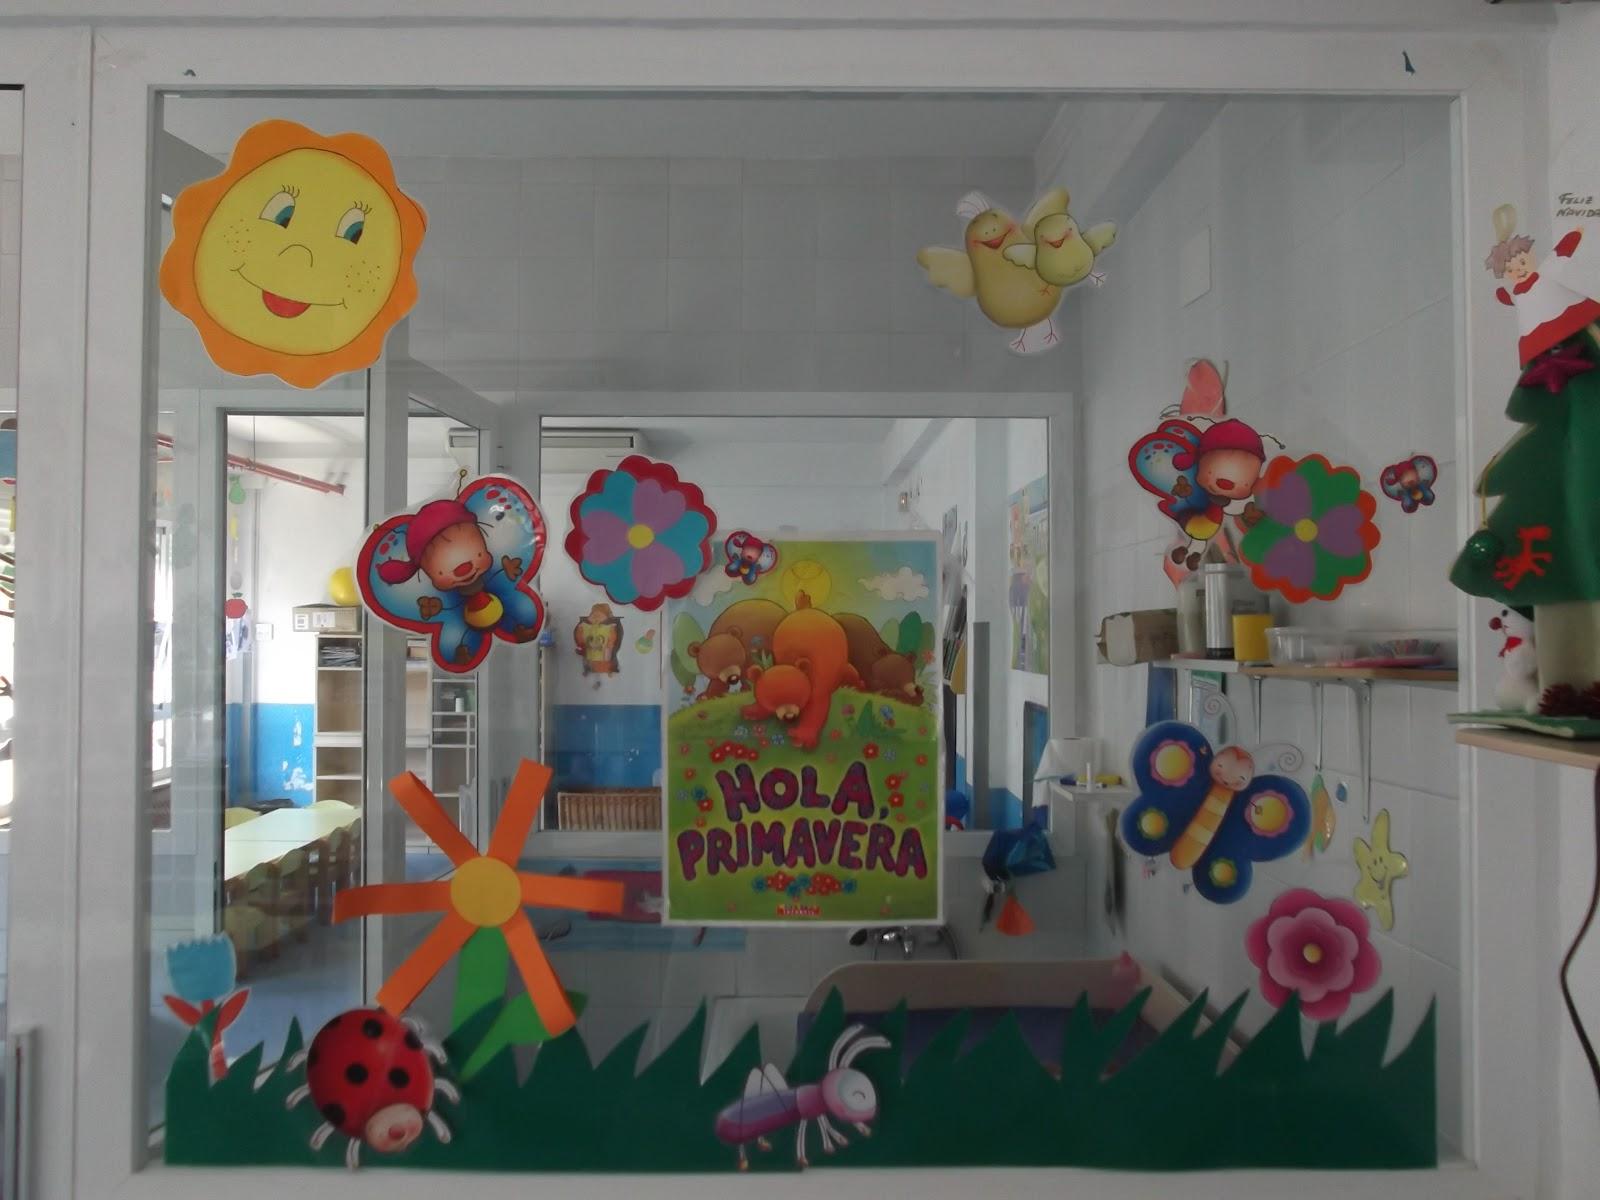 Decoracion Invierno Para Aula Infantil – Cebril.com